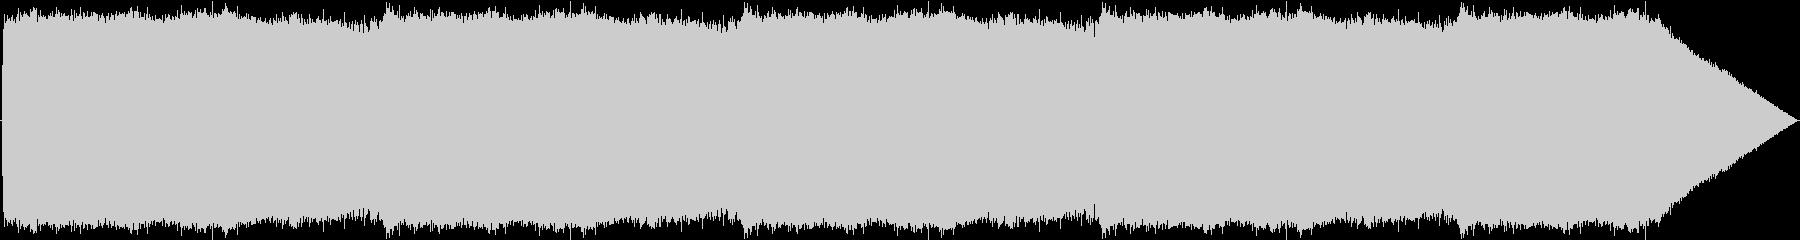 虫の鳴き声01の未再生の波形